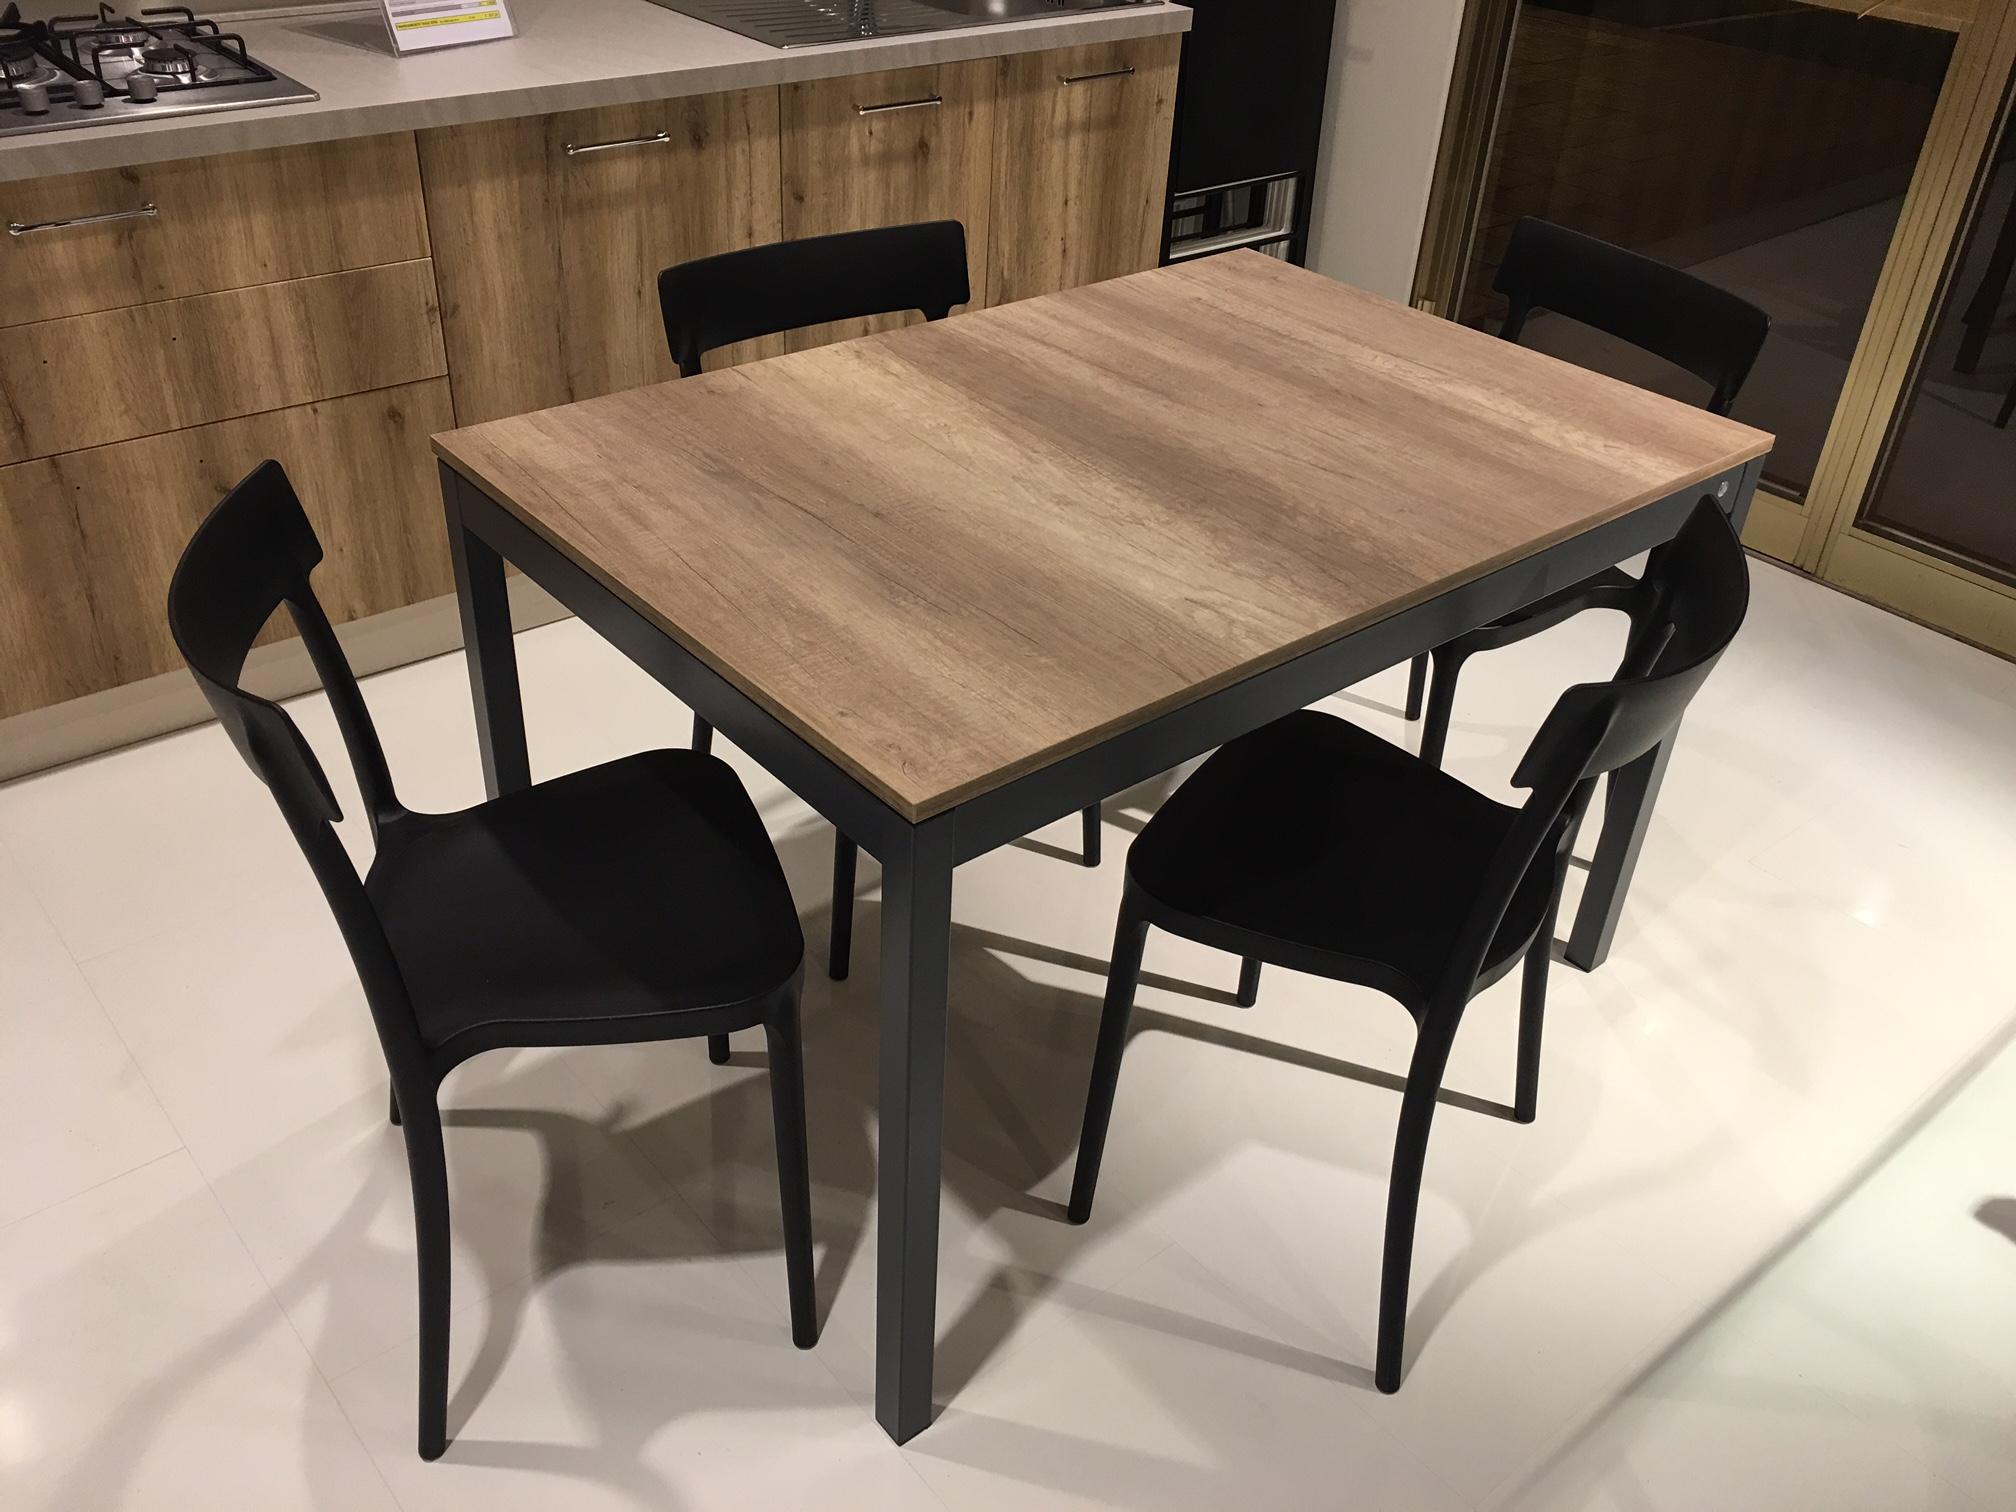 Tavolo da cucina snap lombardelli arredamenti - Sedie e tavoli da cucina ...